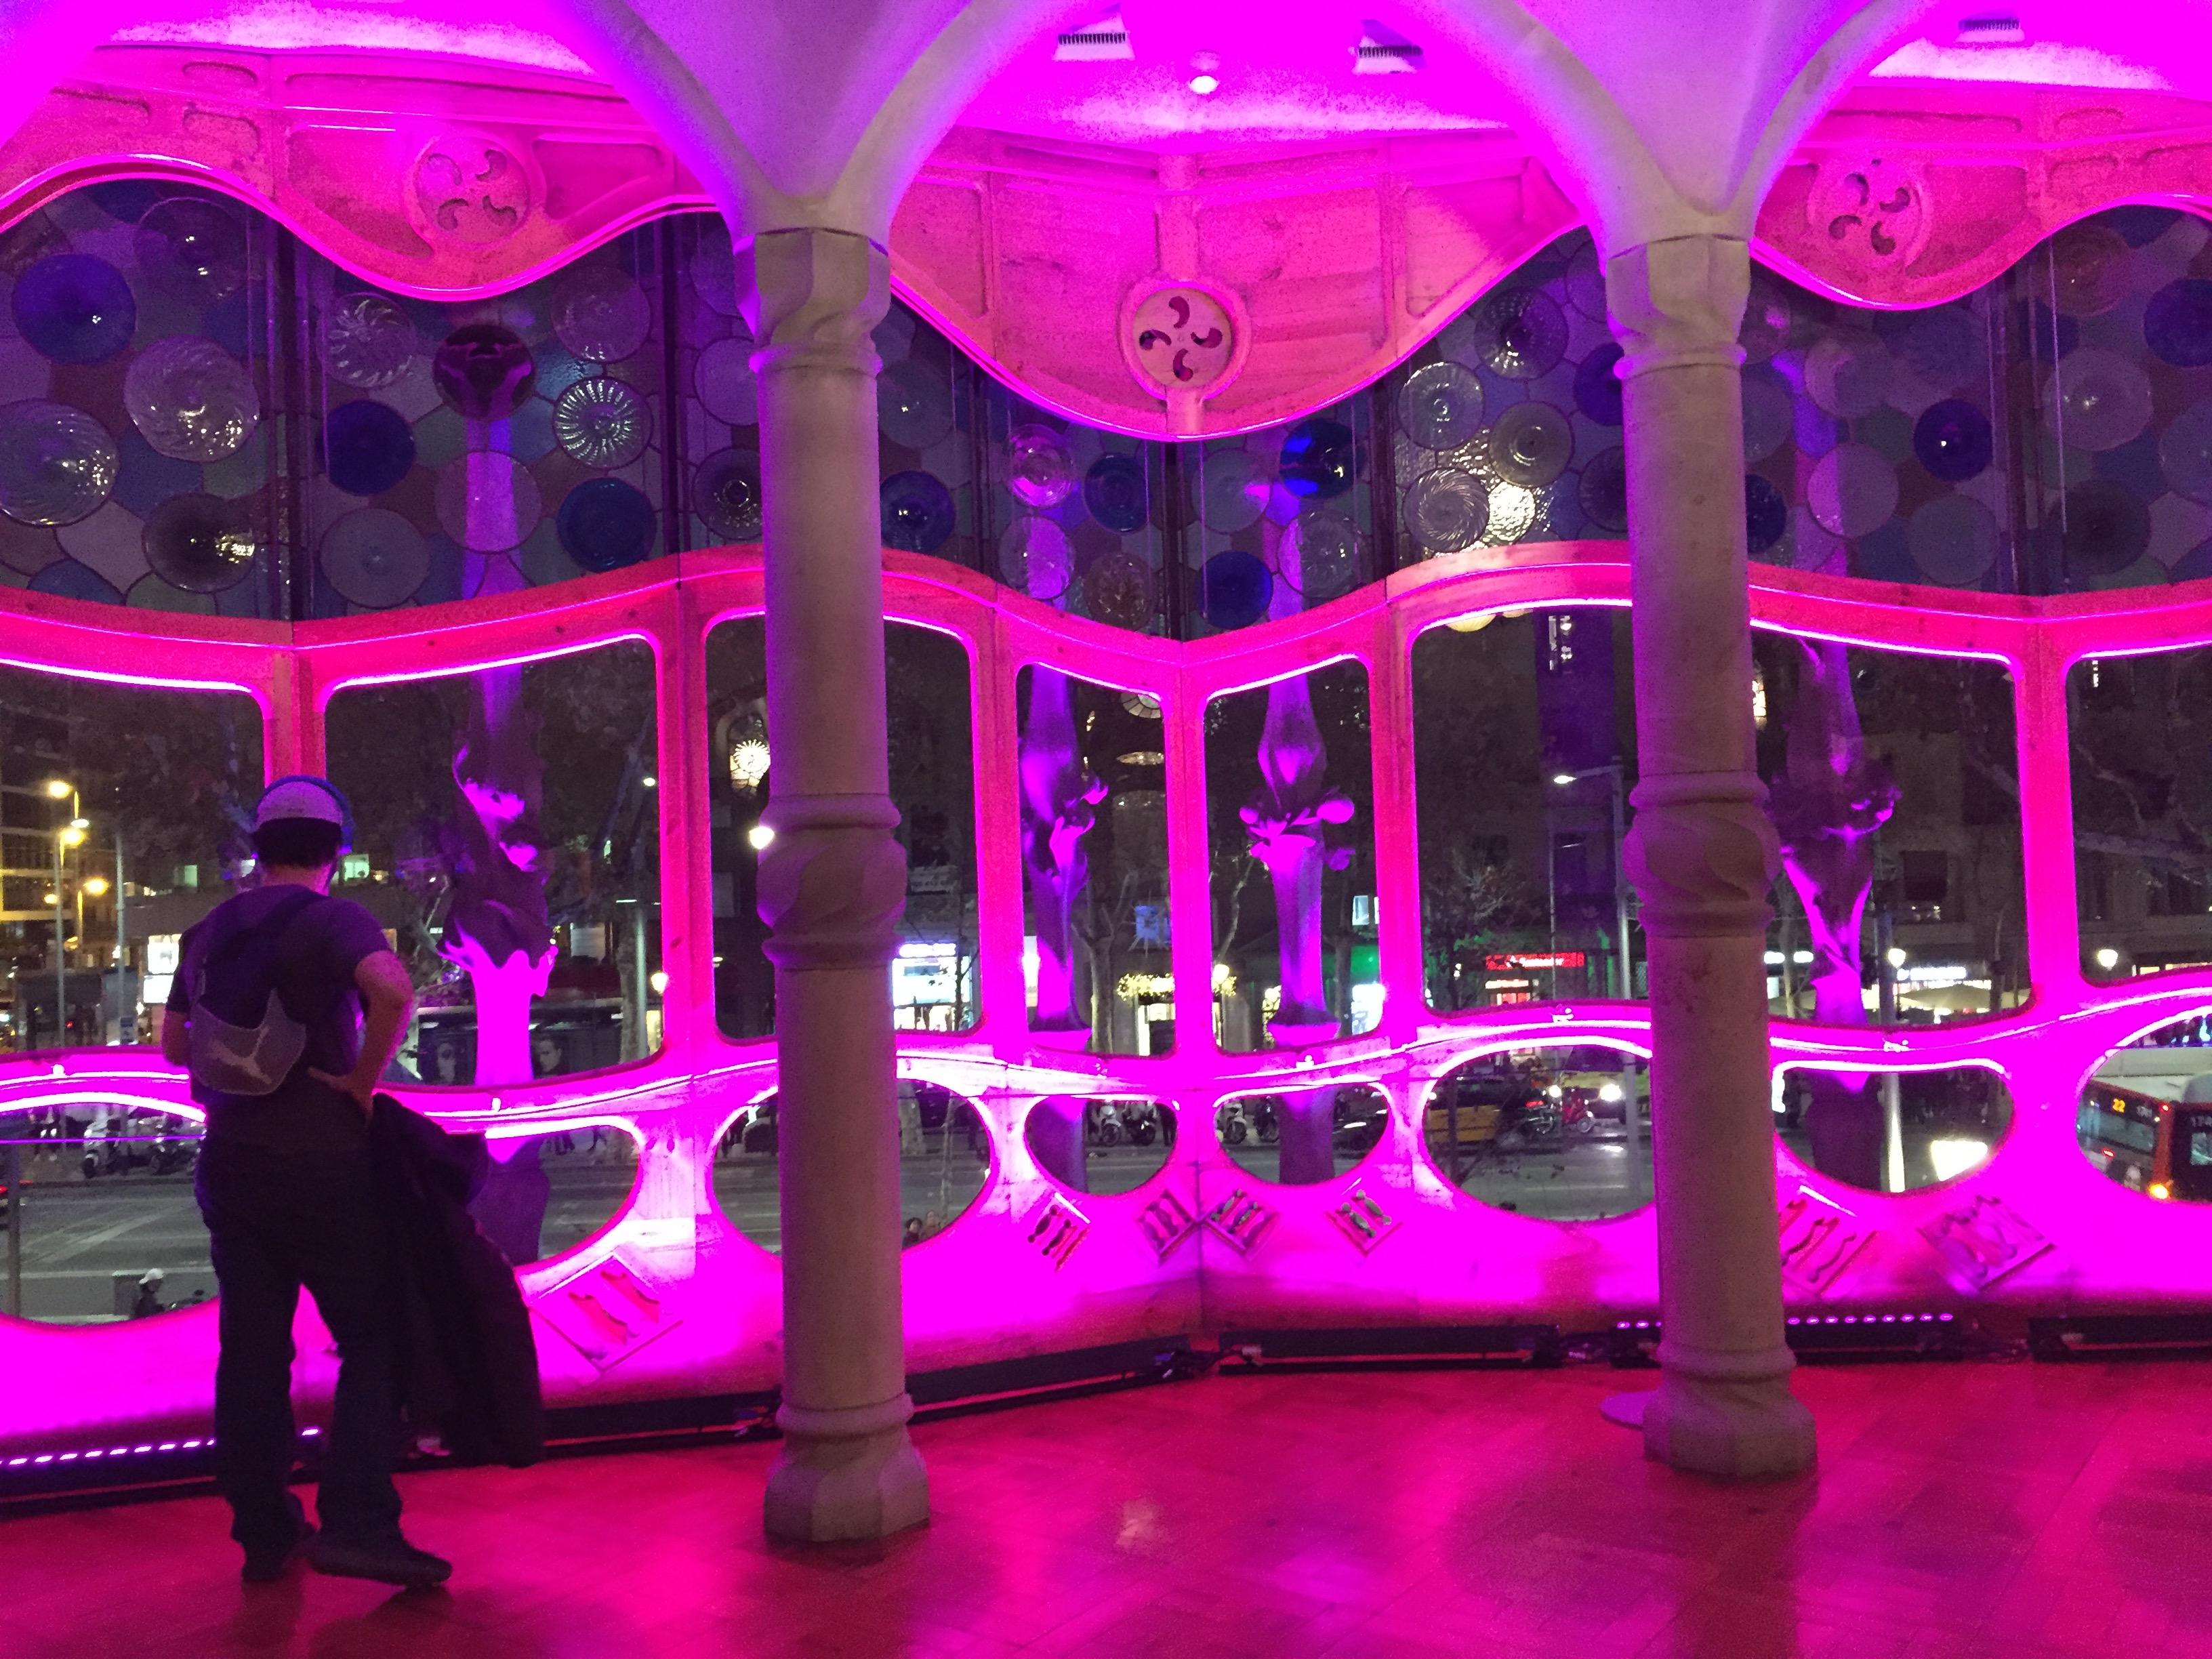 IMG 0840 - Visita a la Casa Batlló en Barcelona Parte I/II